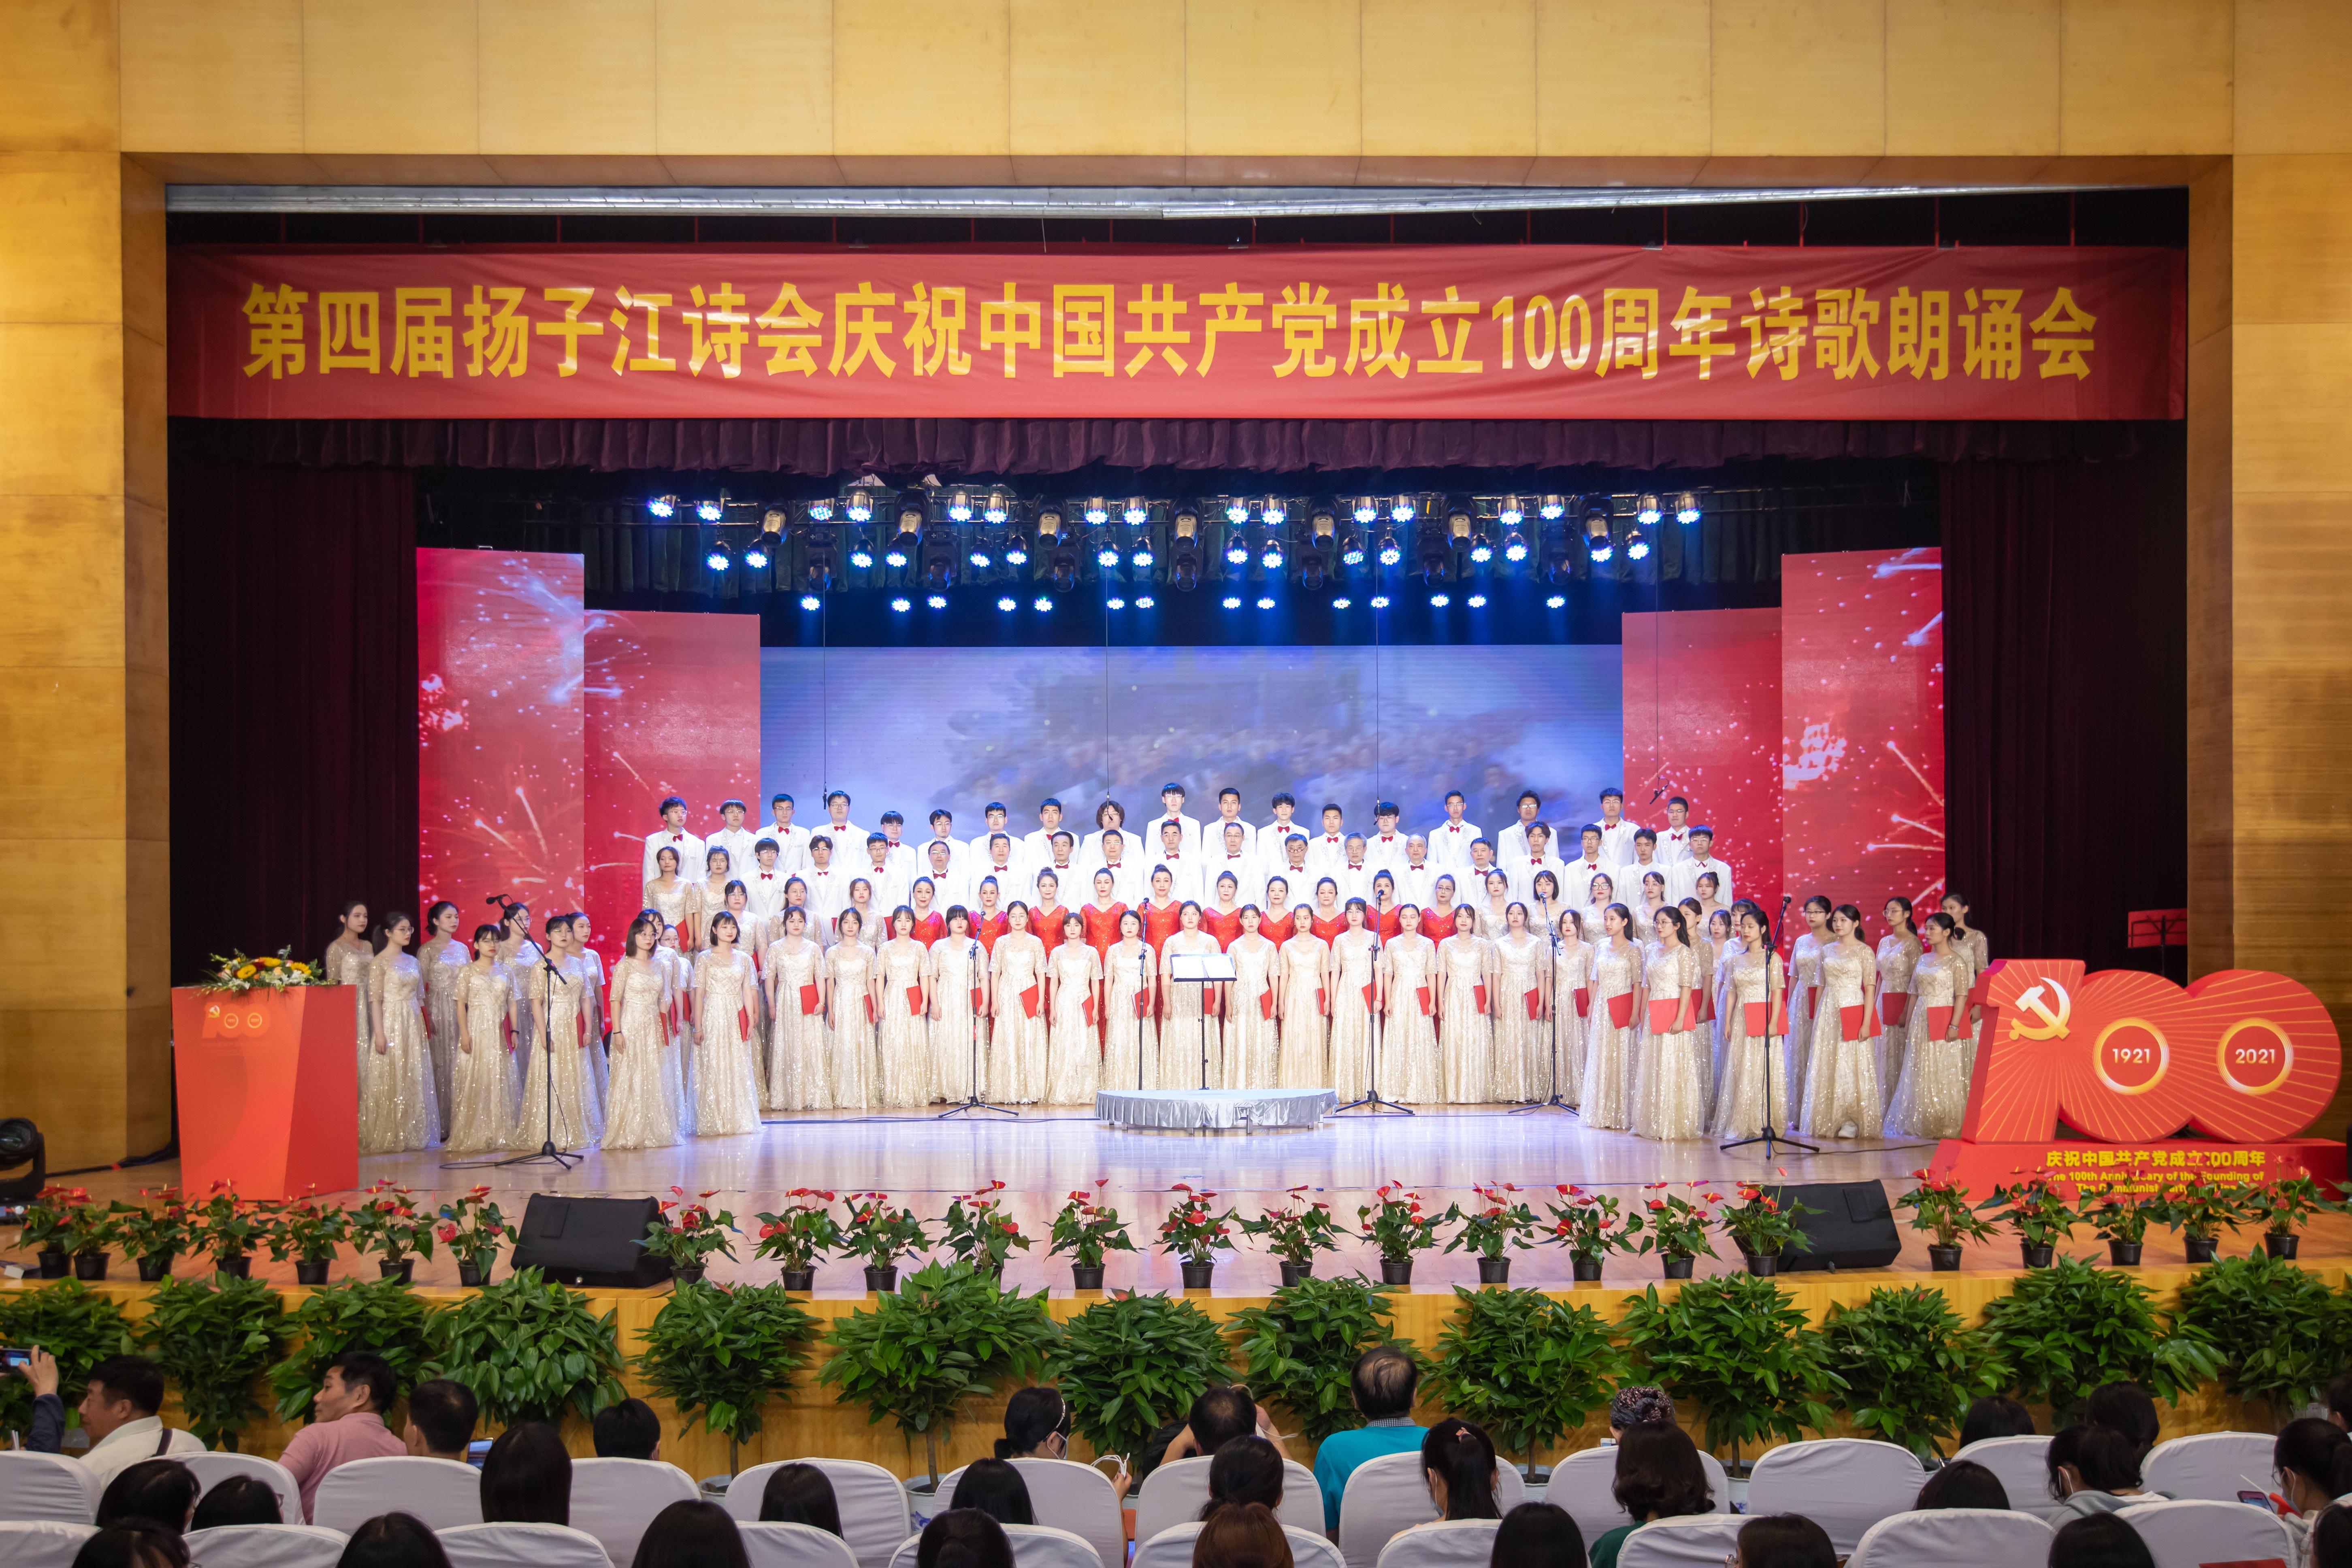 百年恰是风华正茂 第四届扬子江诗会庆祝中国共产党成立100周年诗歌朗诵会在南京举行